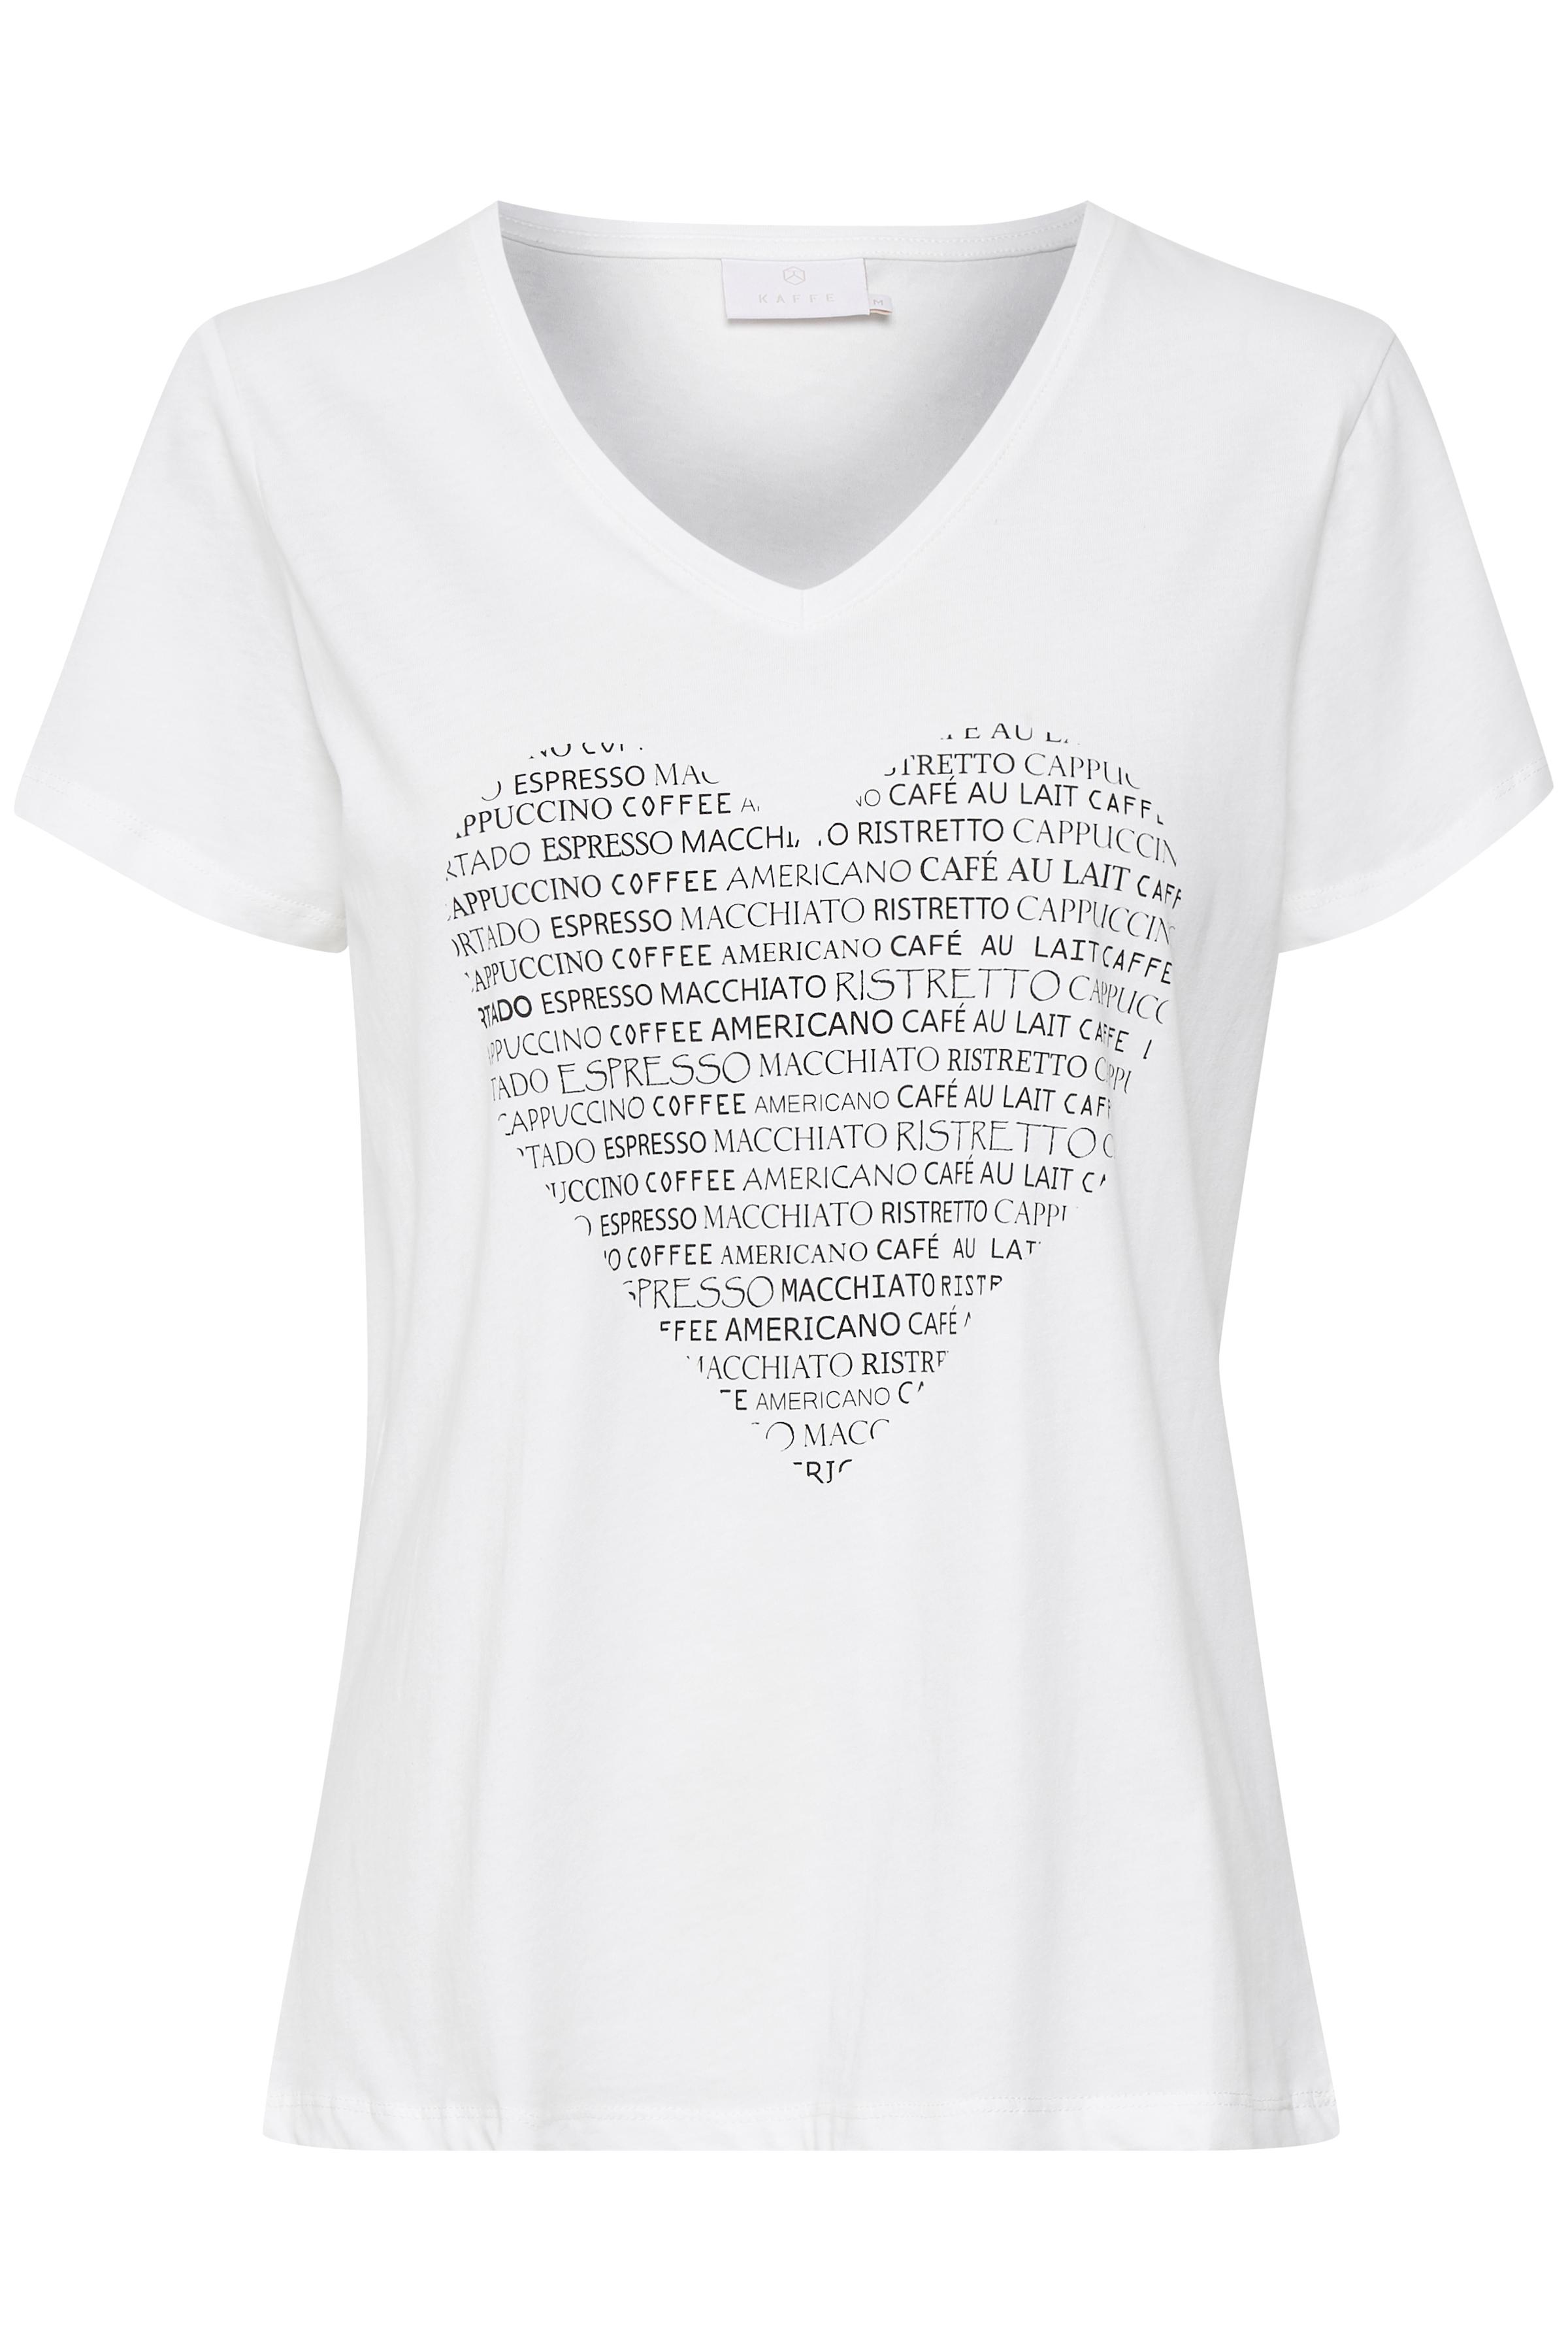 Wollweiß Kurzarm T-Shirt von Kaffe – Shoppen Sie Wollweiß Kurzarm T-Shirt ab Gr. XS-XXL hier